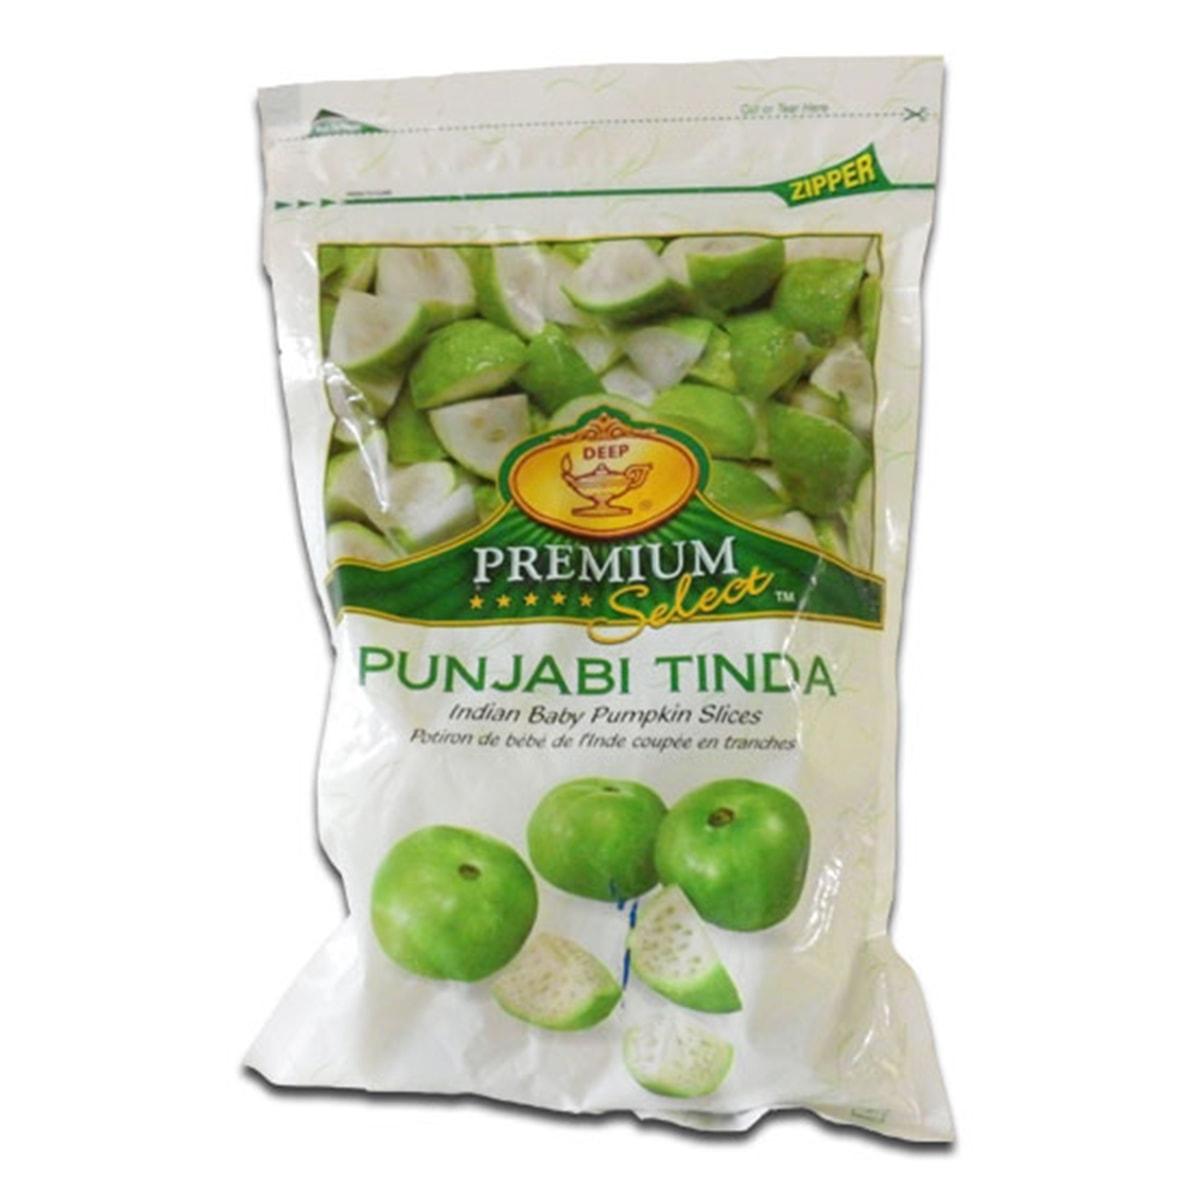 Buy Deep Foods Punjabi Tinda (Indian Baby Pumpkin Slices) Frozen - 340 gm